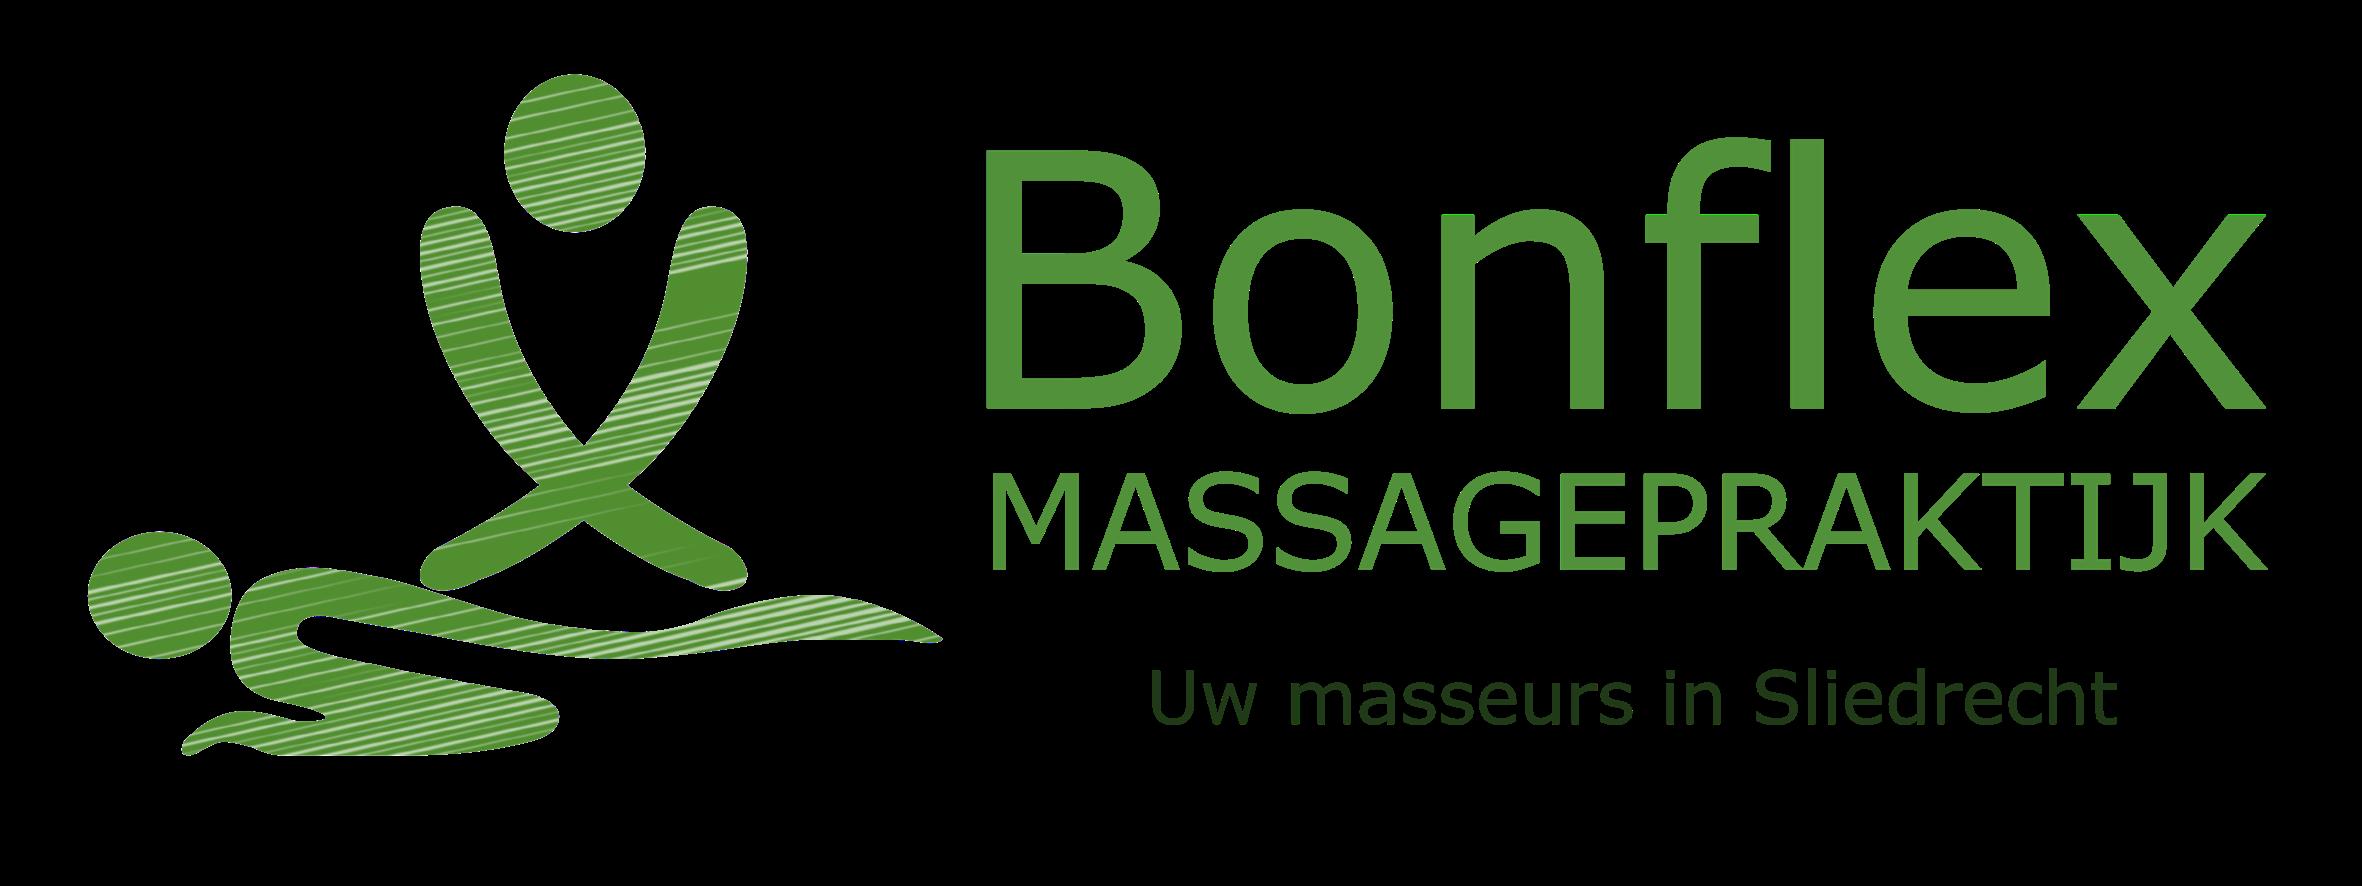 Bonflex Massagepraktijk